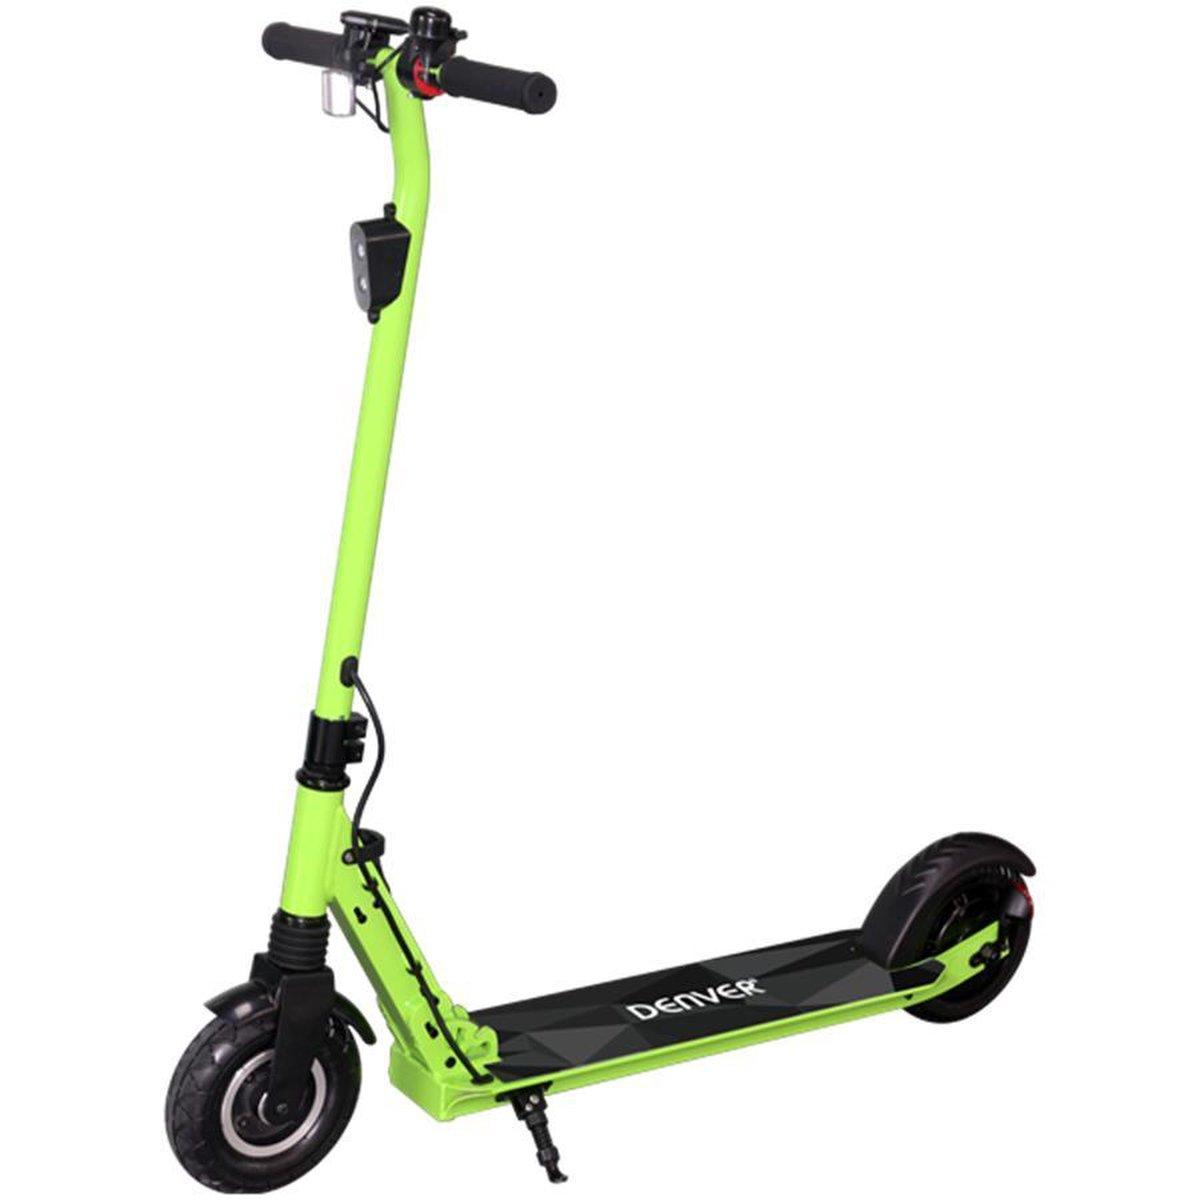 """Denver SEL-80130 Elektrische step voor kinderen & volwassenen 8"""""""" Wielen 20 km/u E-Step met aluminium frame actieradius 12KM Inklapbaar Met LED verlichting voor & achter E-Scooter Groen online kopen"""